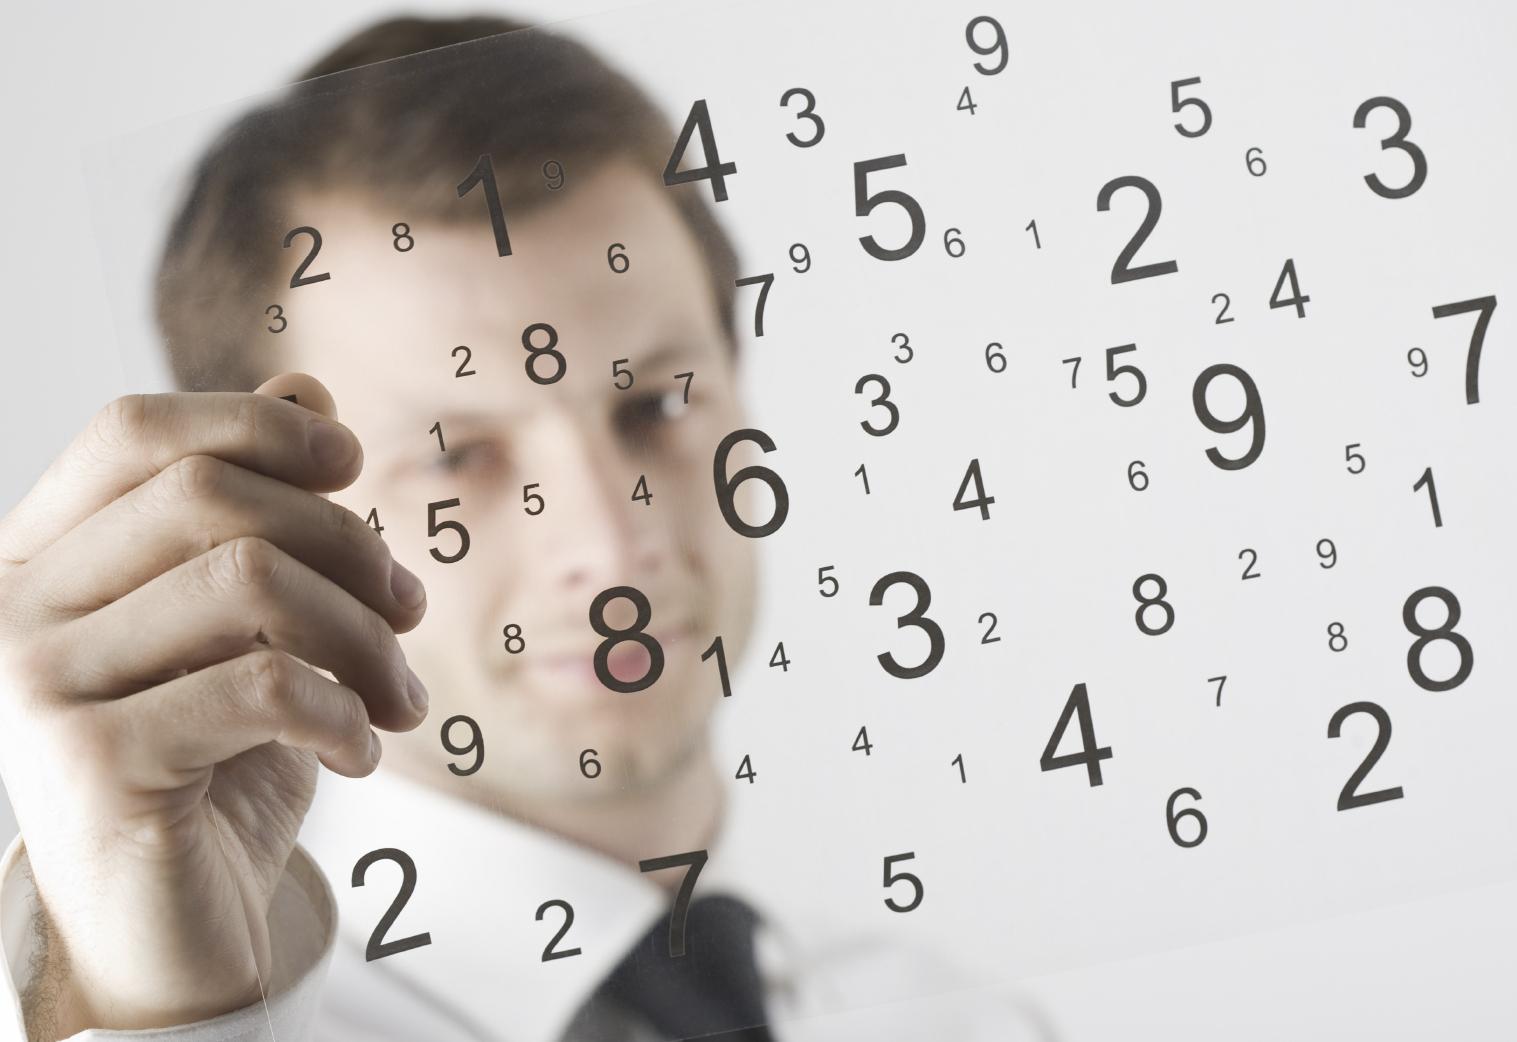 Магия чисел влияние даты рождения на судьбу человека